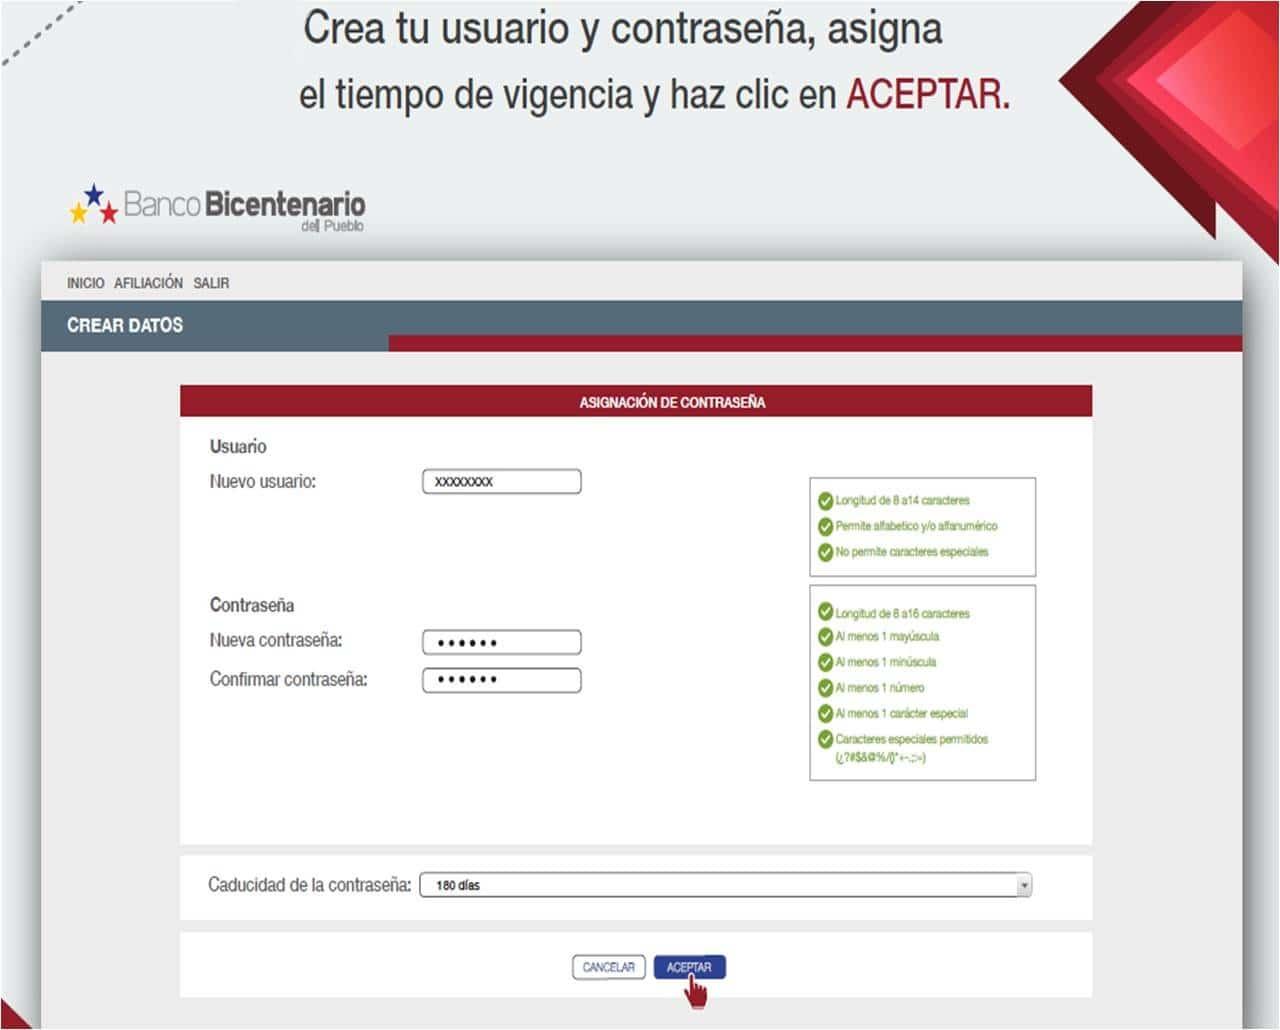 banco-bicentenario-en-linea